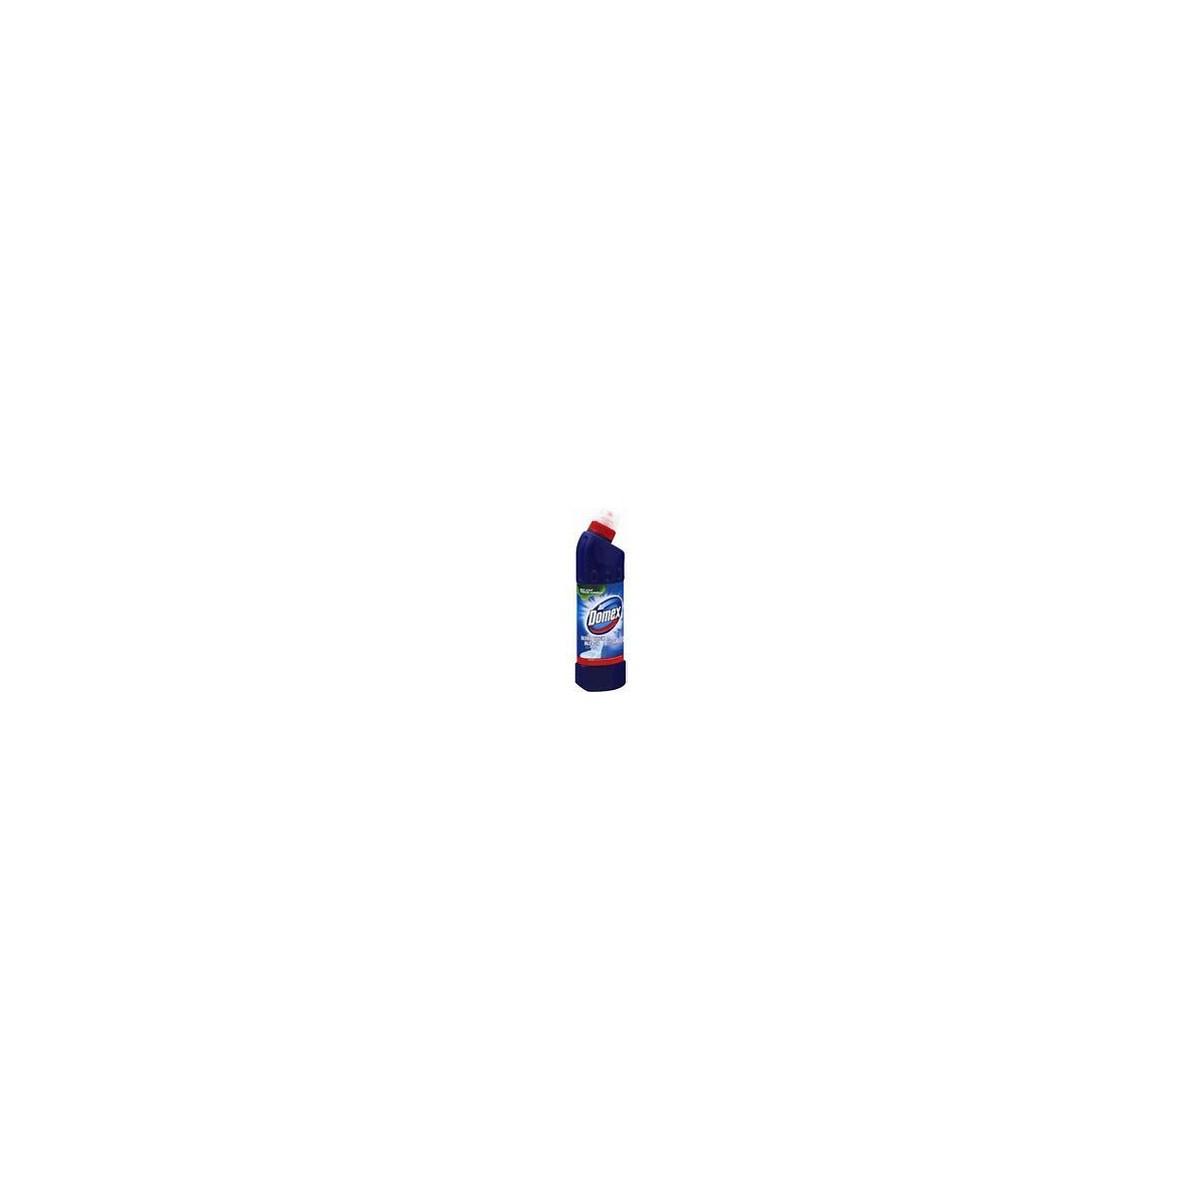 DOMEX ULTRA THICK BLEACH 24/500ML